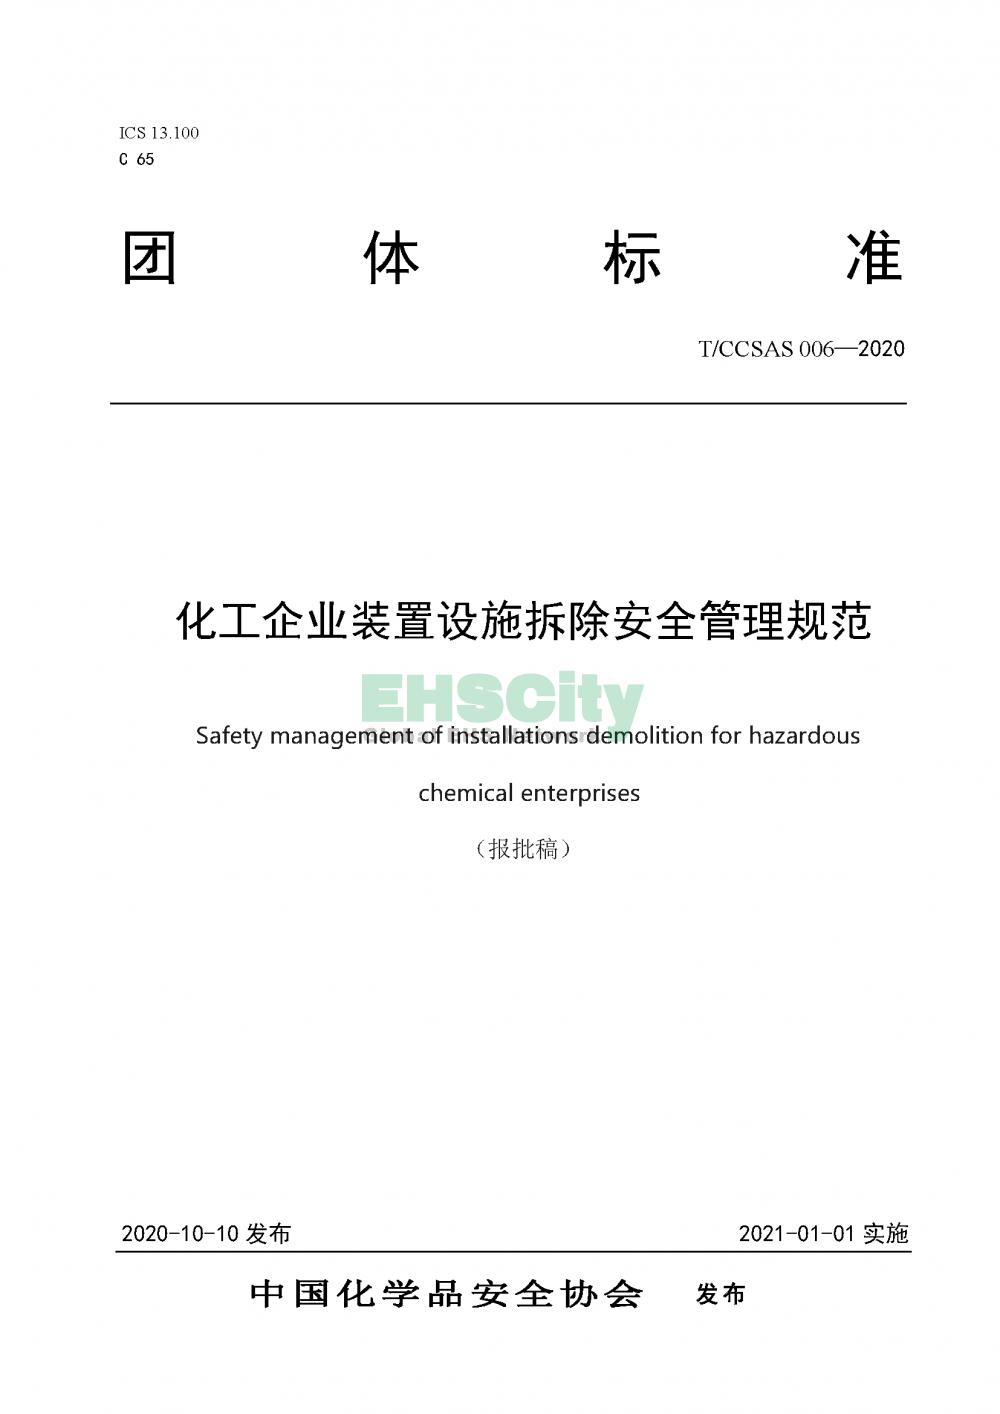 《化工企业装置设施拆除安全管理规范》_页面_01